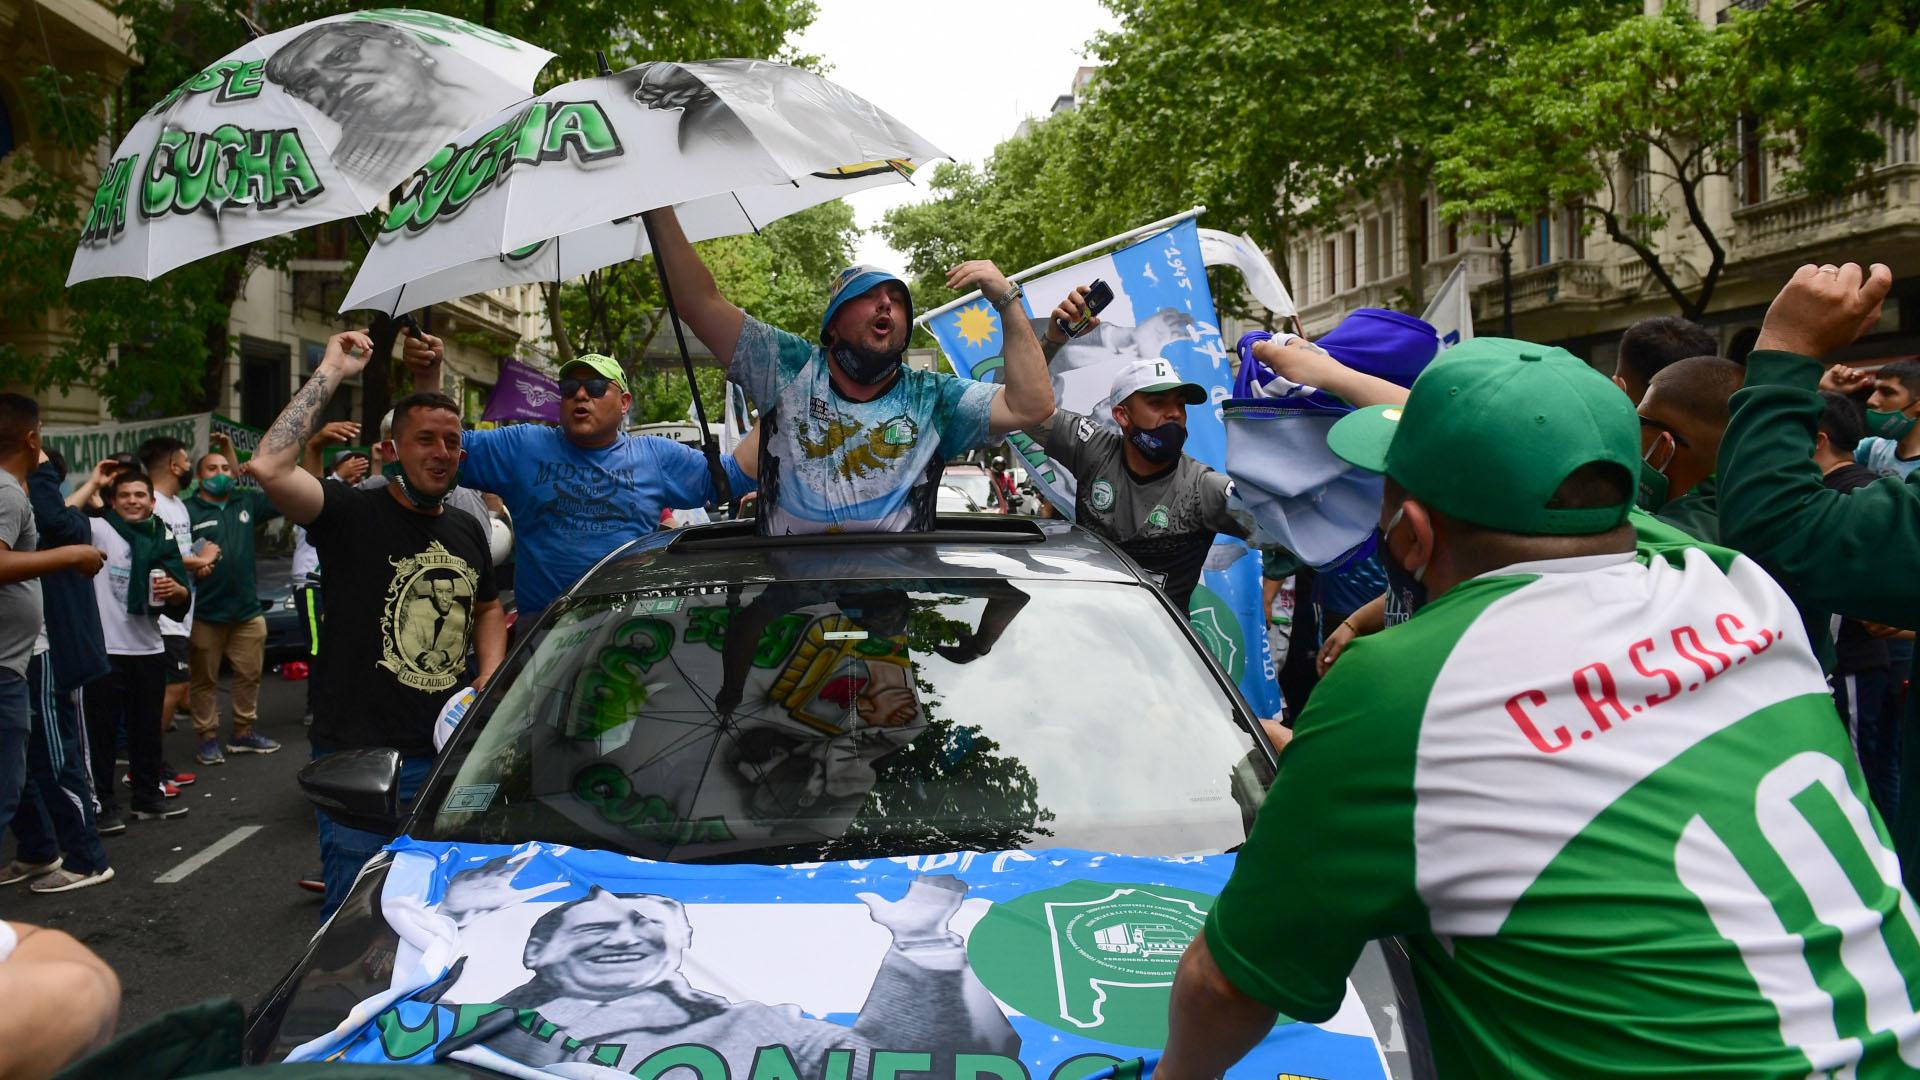 Poco después de las 11, tras el discurso de Hugo Moyano, la fila de vehículos comenzó a movilizarse